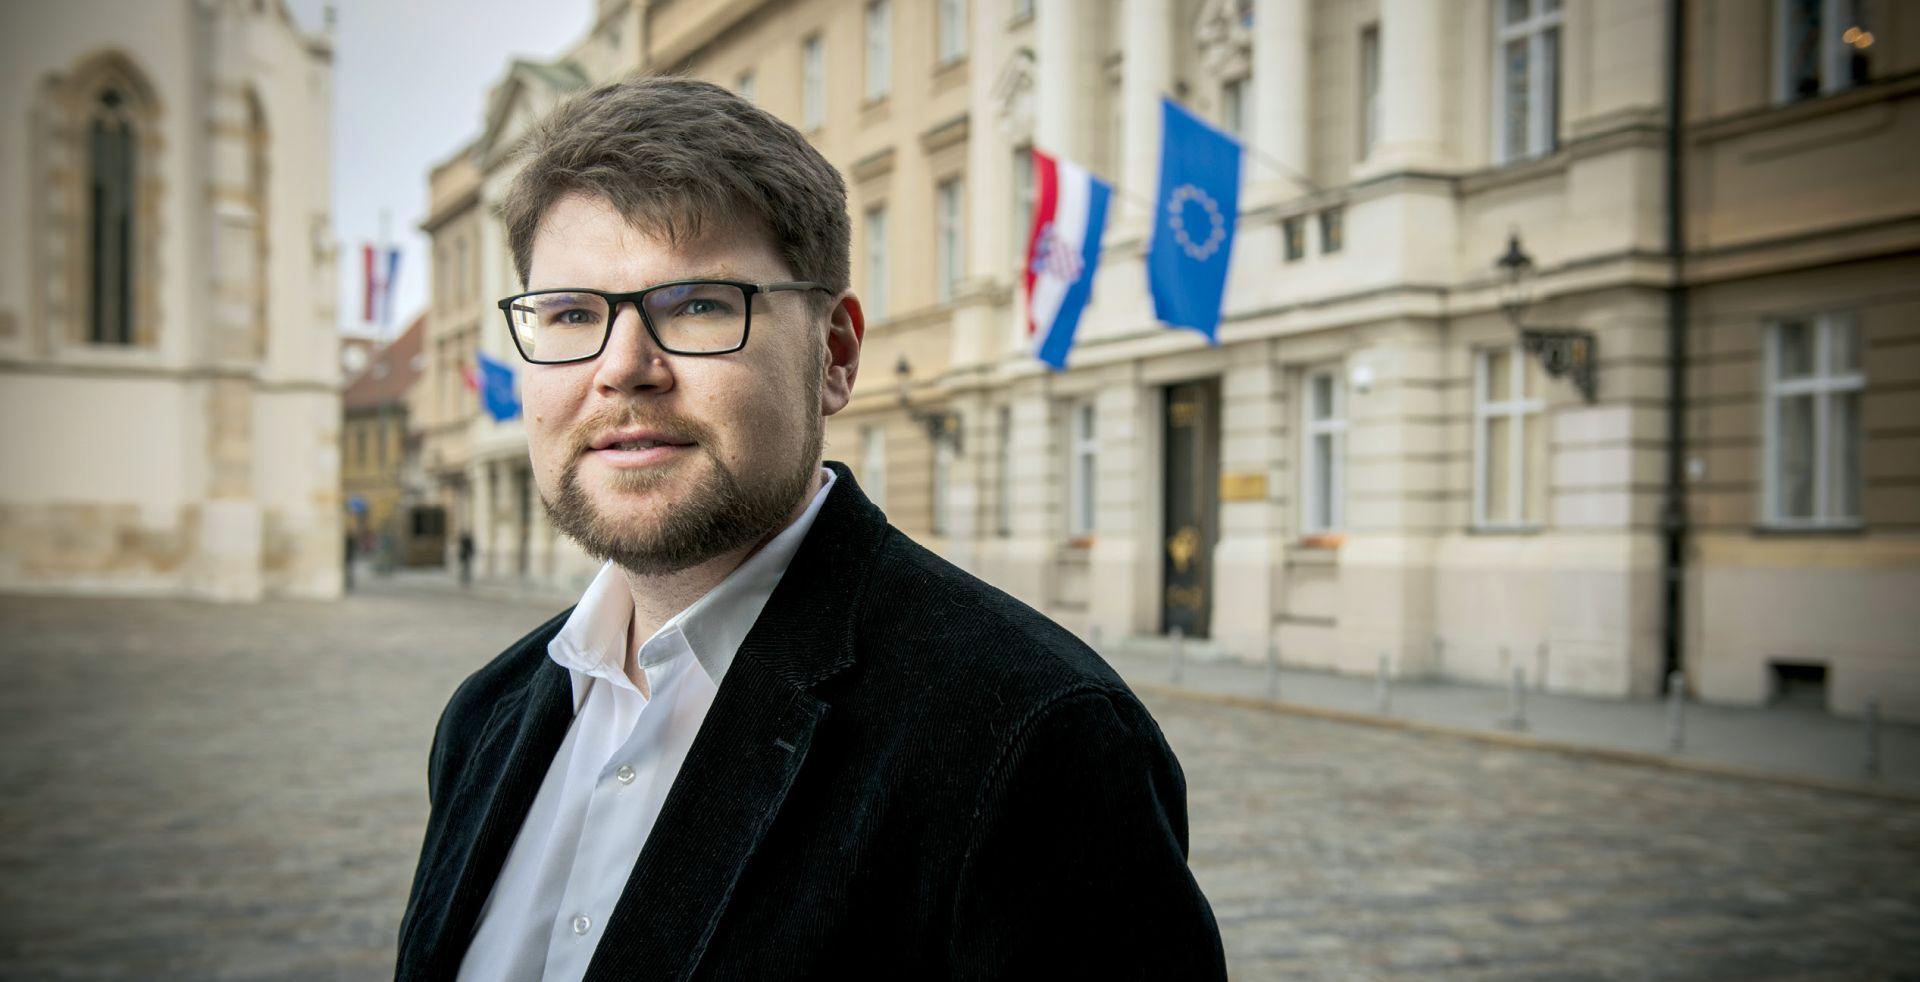 INTERVIEW: PEĐA GRBIN 'Slučaj Crnoja pokazao je da Orešković nema pojma o politici'